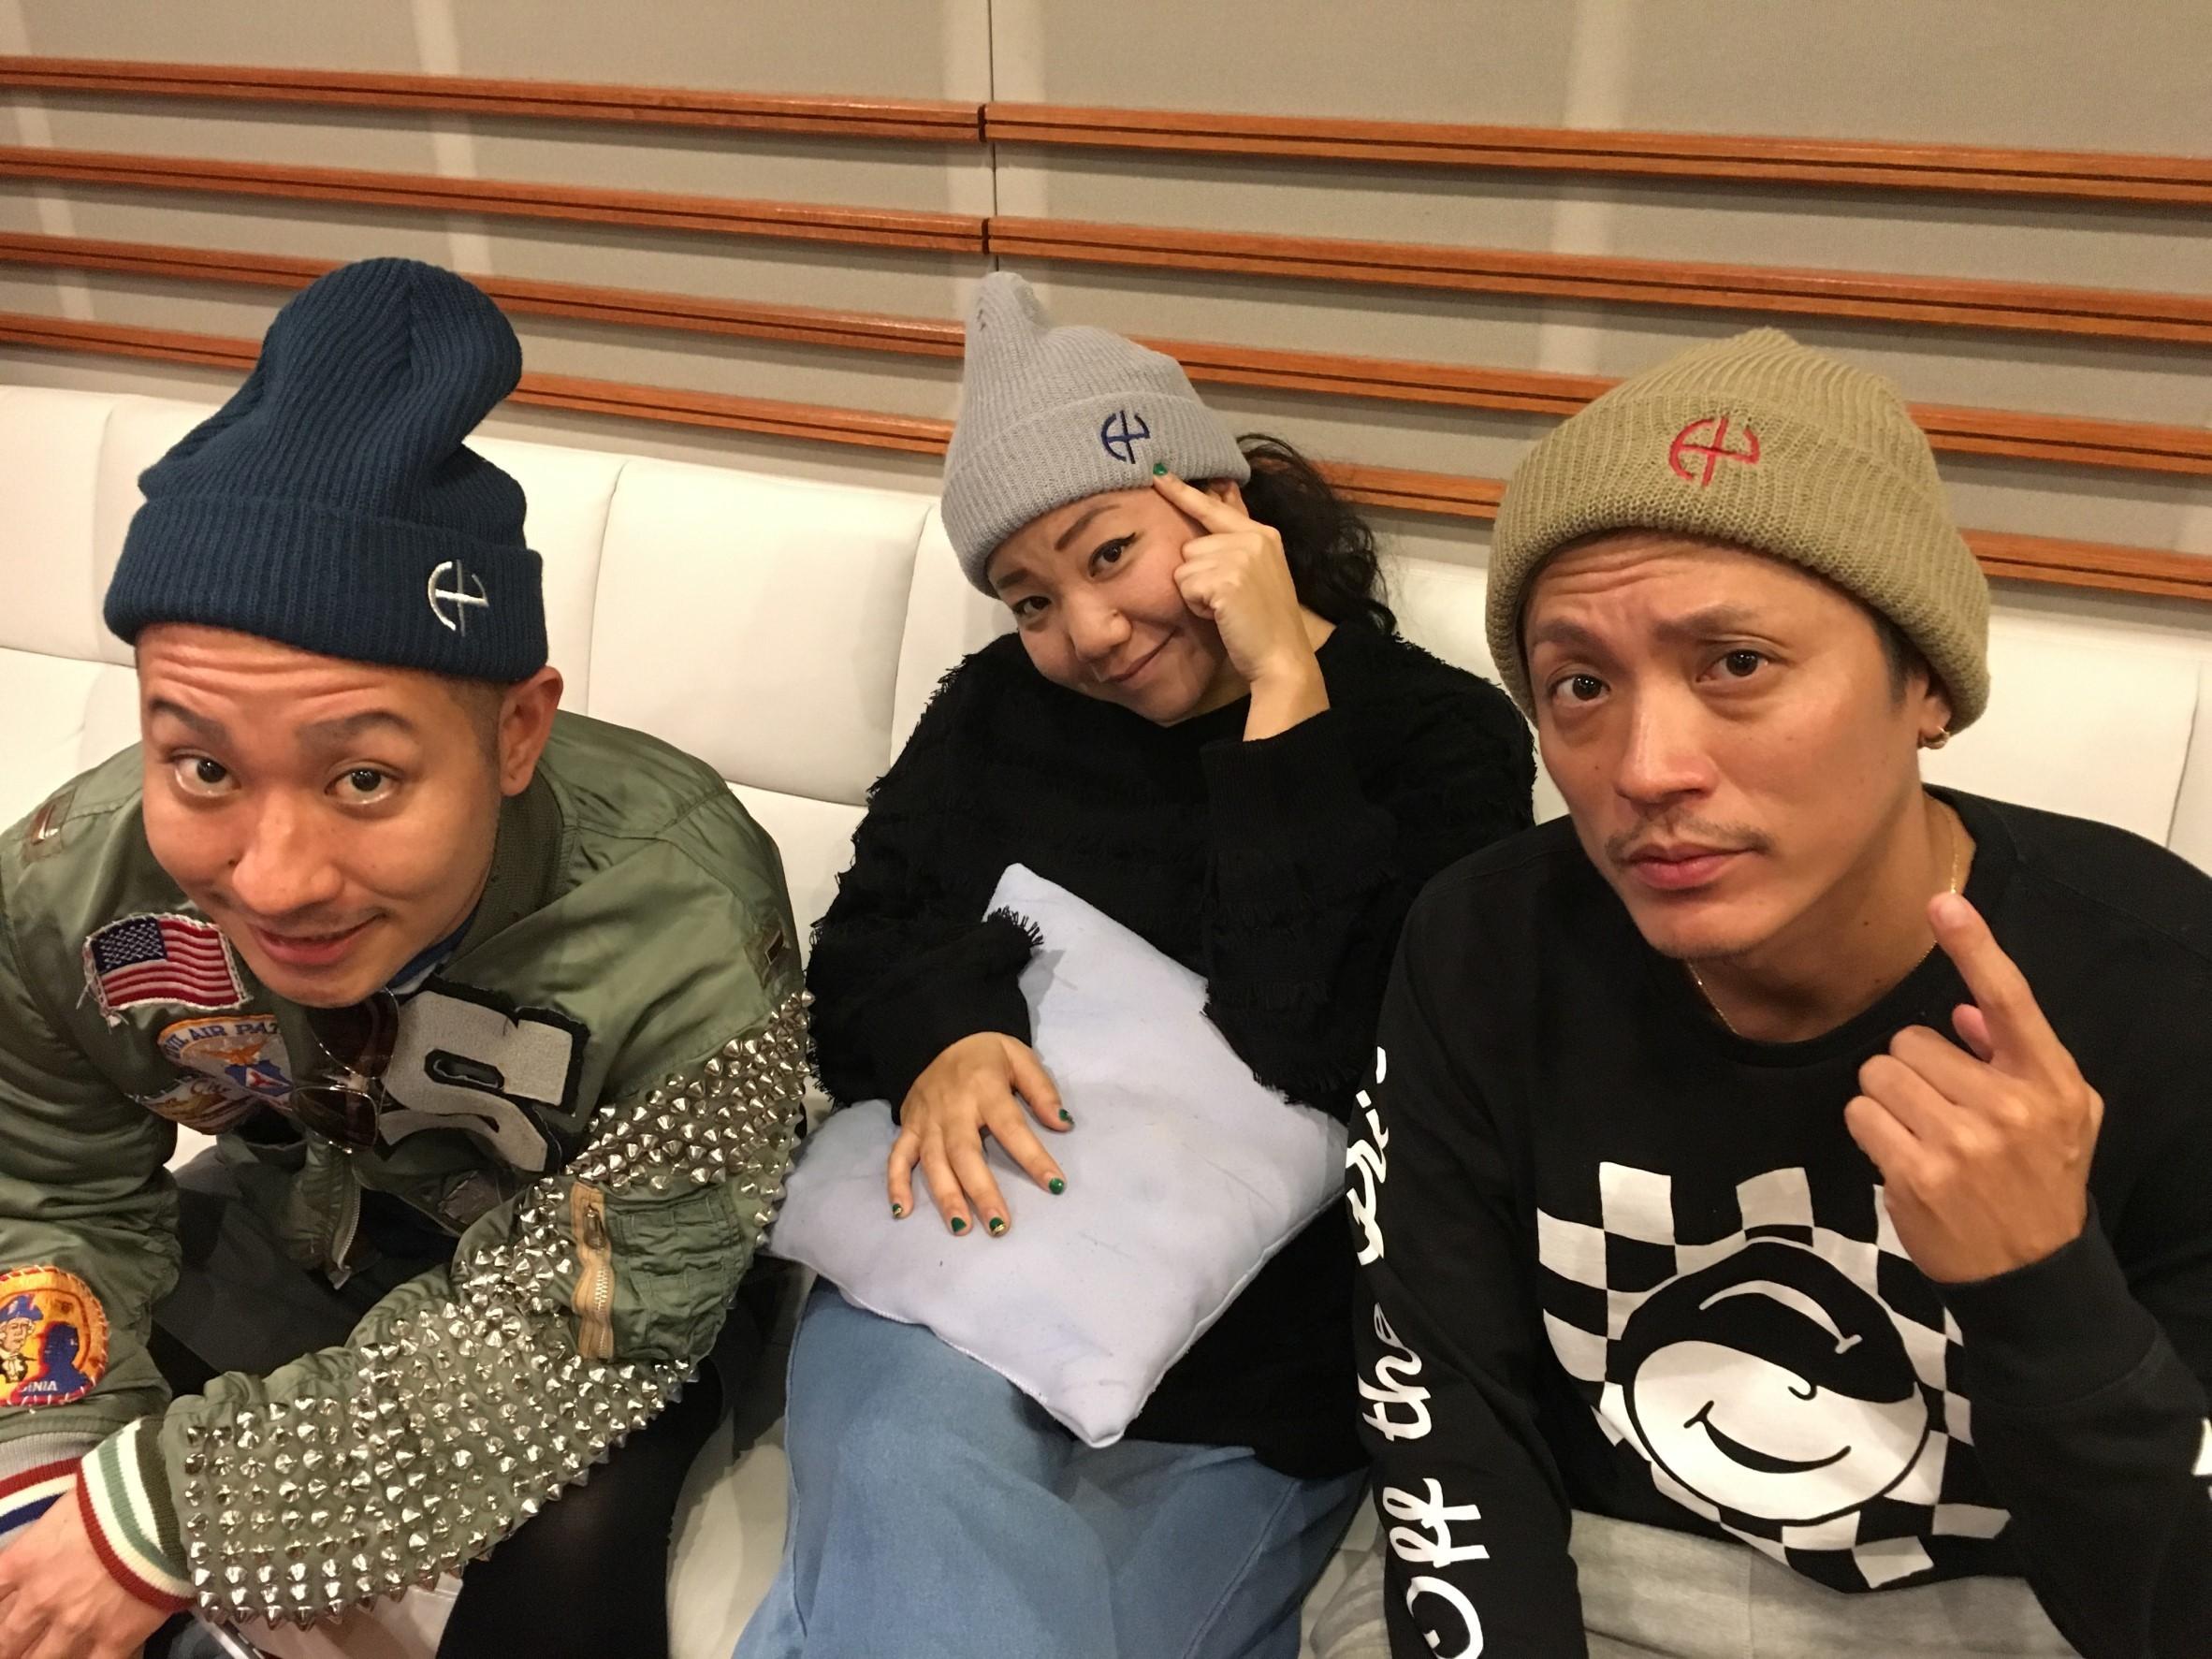 【HY HUB CLUB限定カラー】ニット帽(モカ)